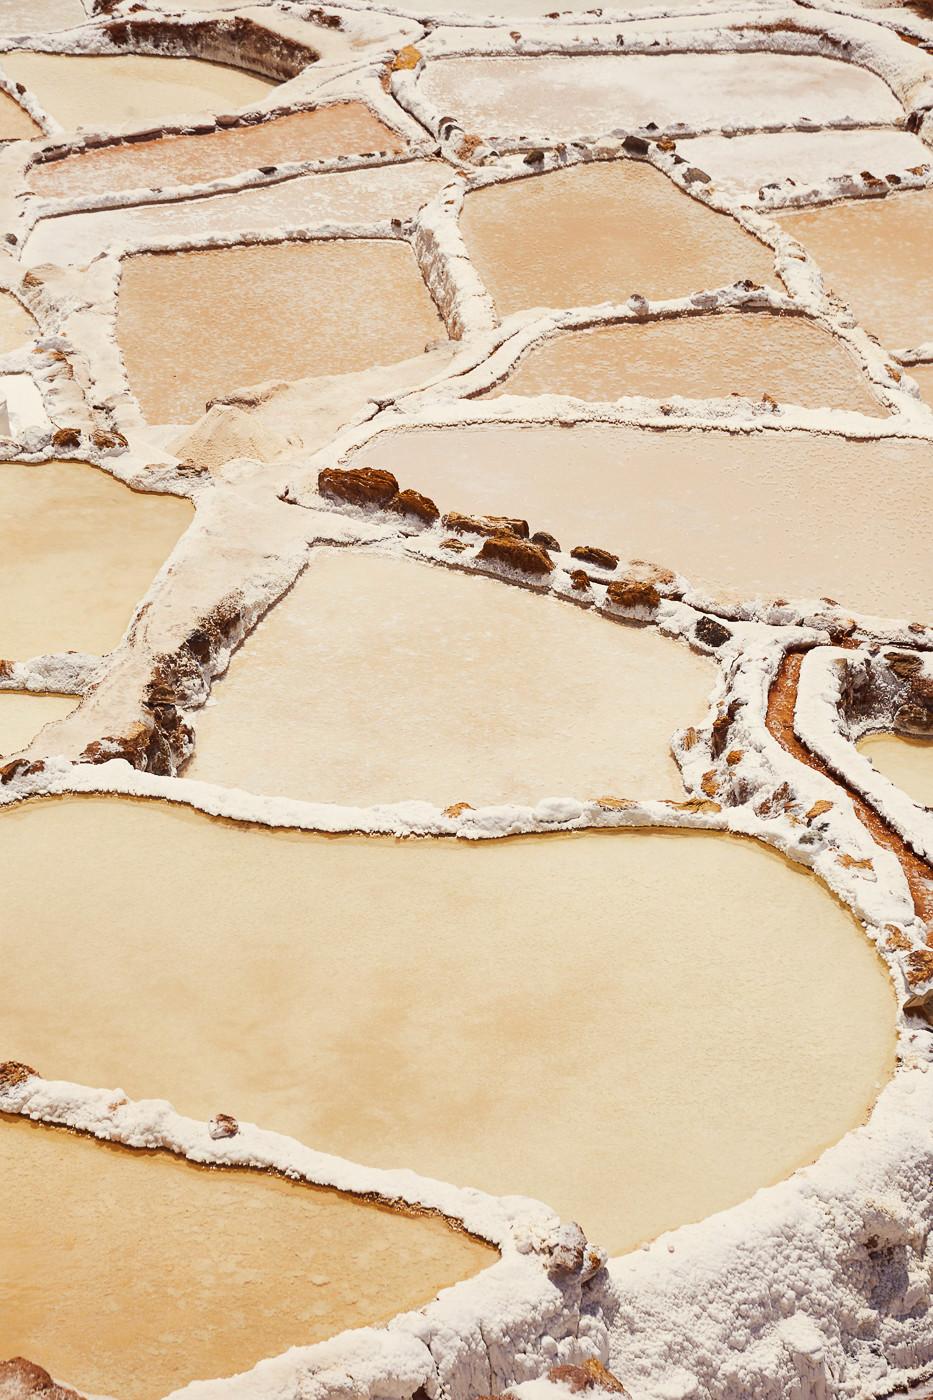 Die Salzminen Salineras de Maras in Peru, farbige Salzfelder in warmen Farben